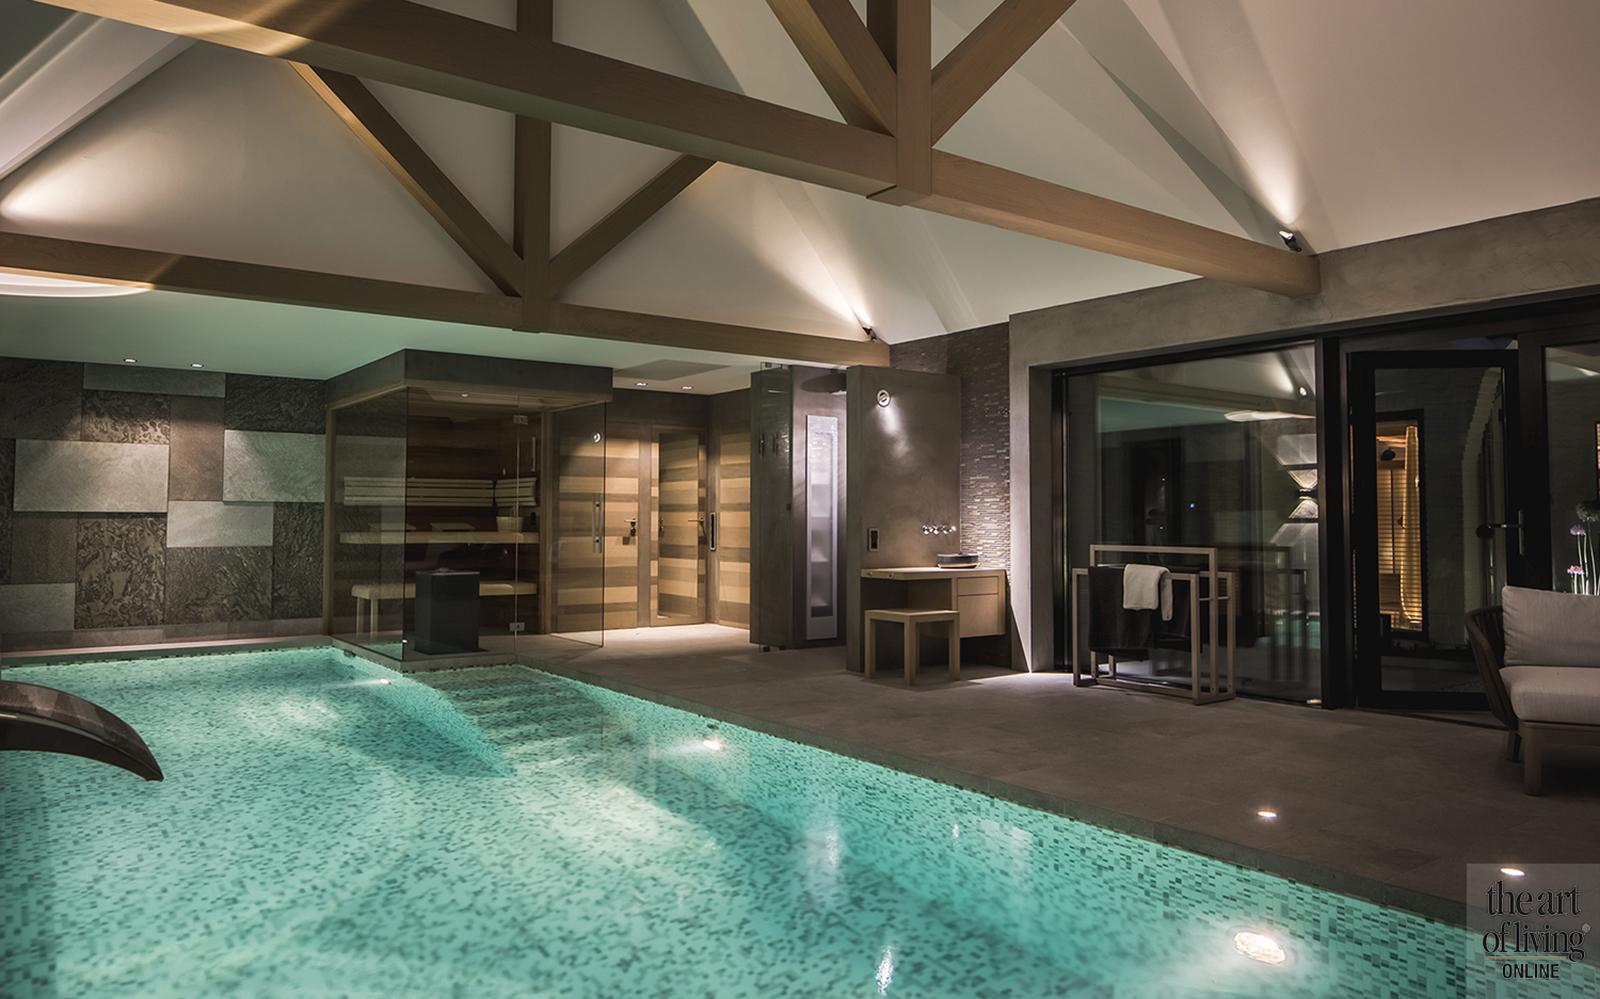 wellnessat home, MedieInterieurarchitectuur, The Art Of Living